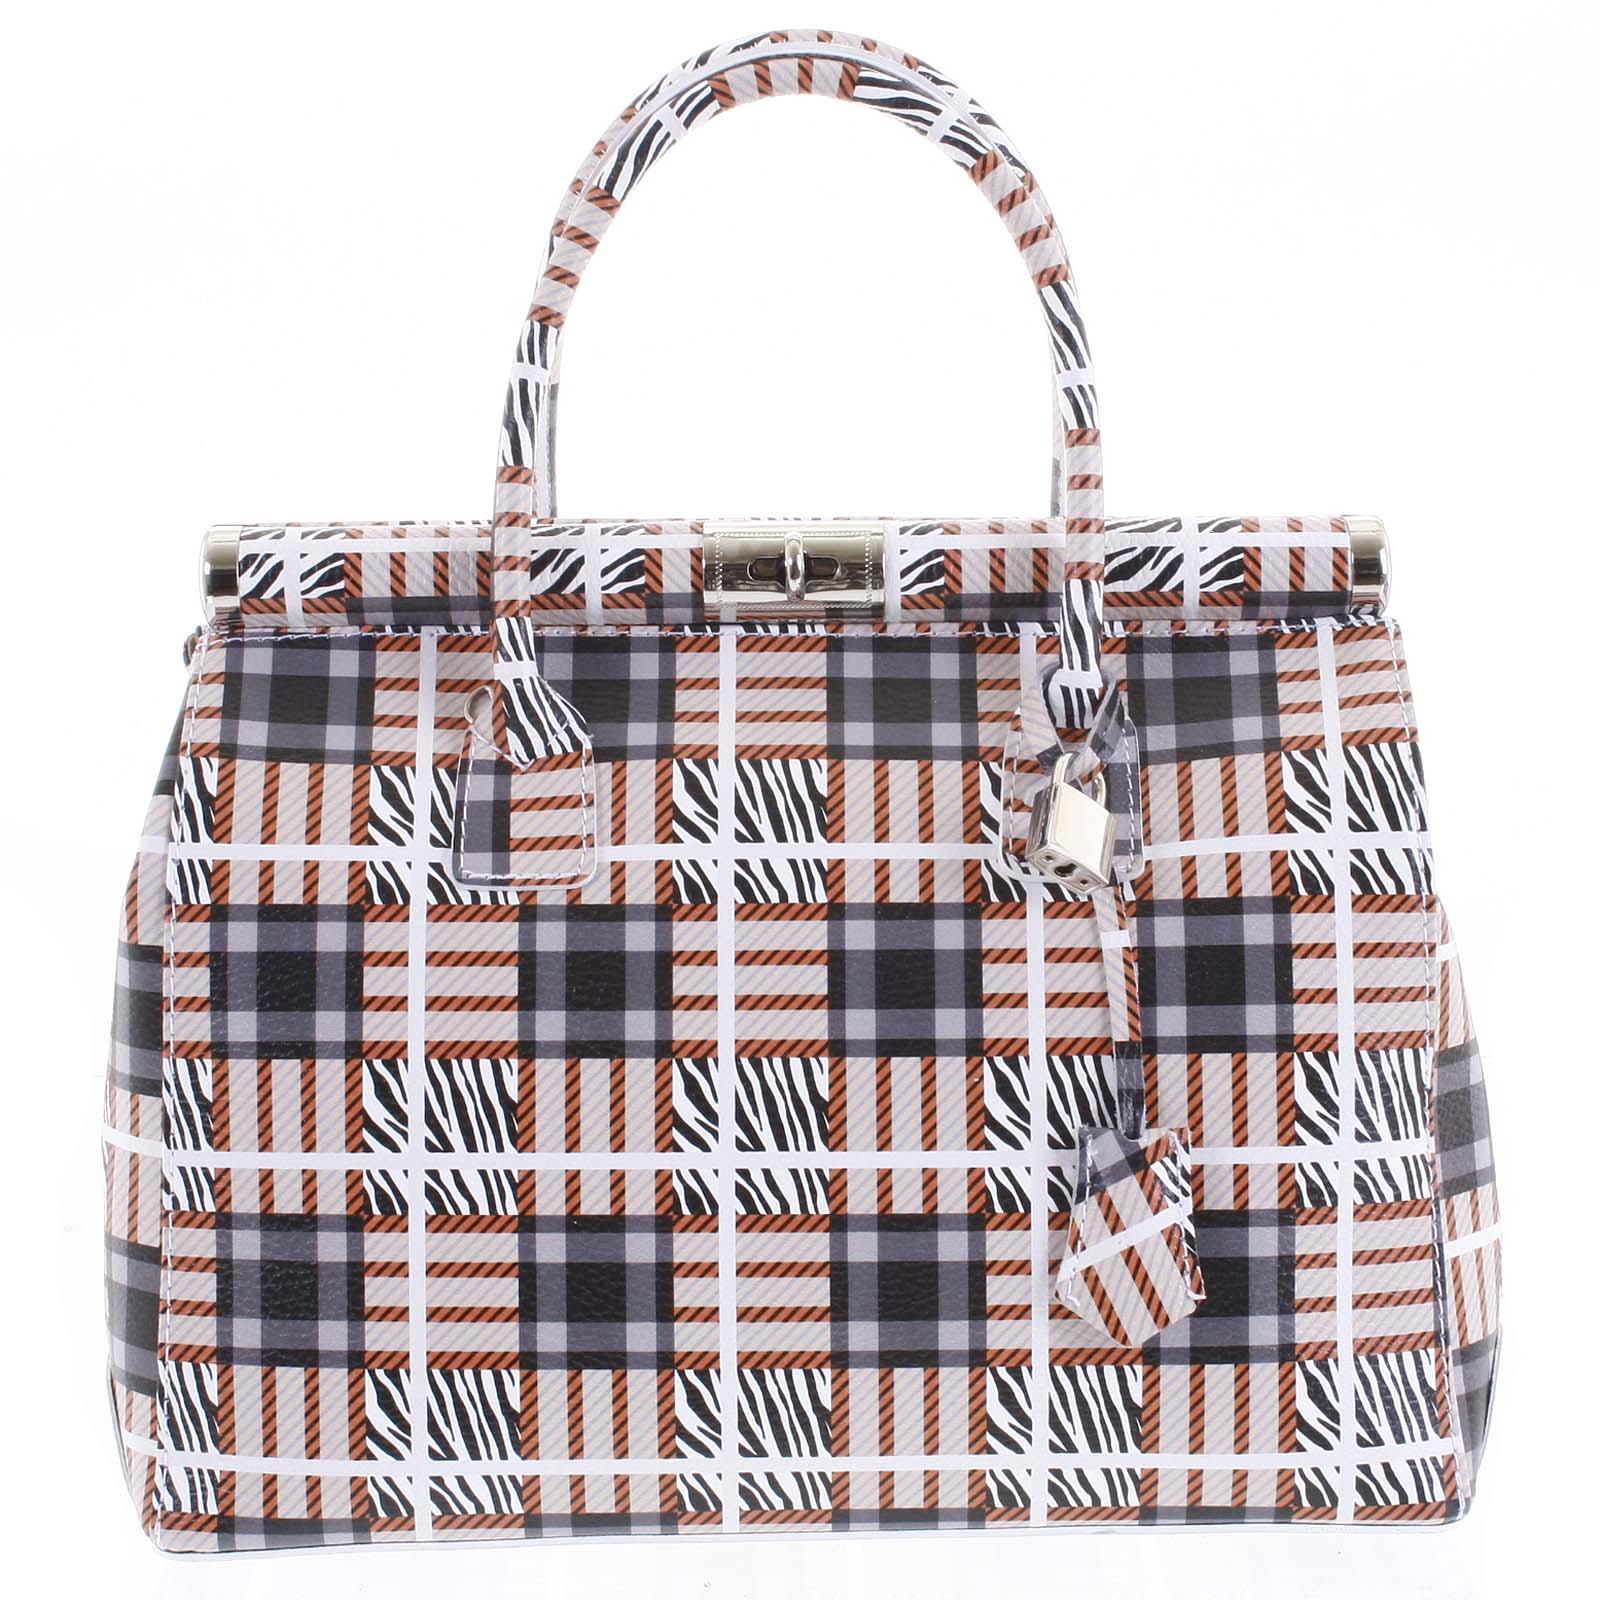 Módna originálny dámska kožená kabelka do ruky farebná - ItalY Hila